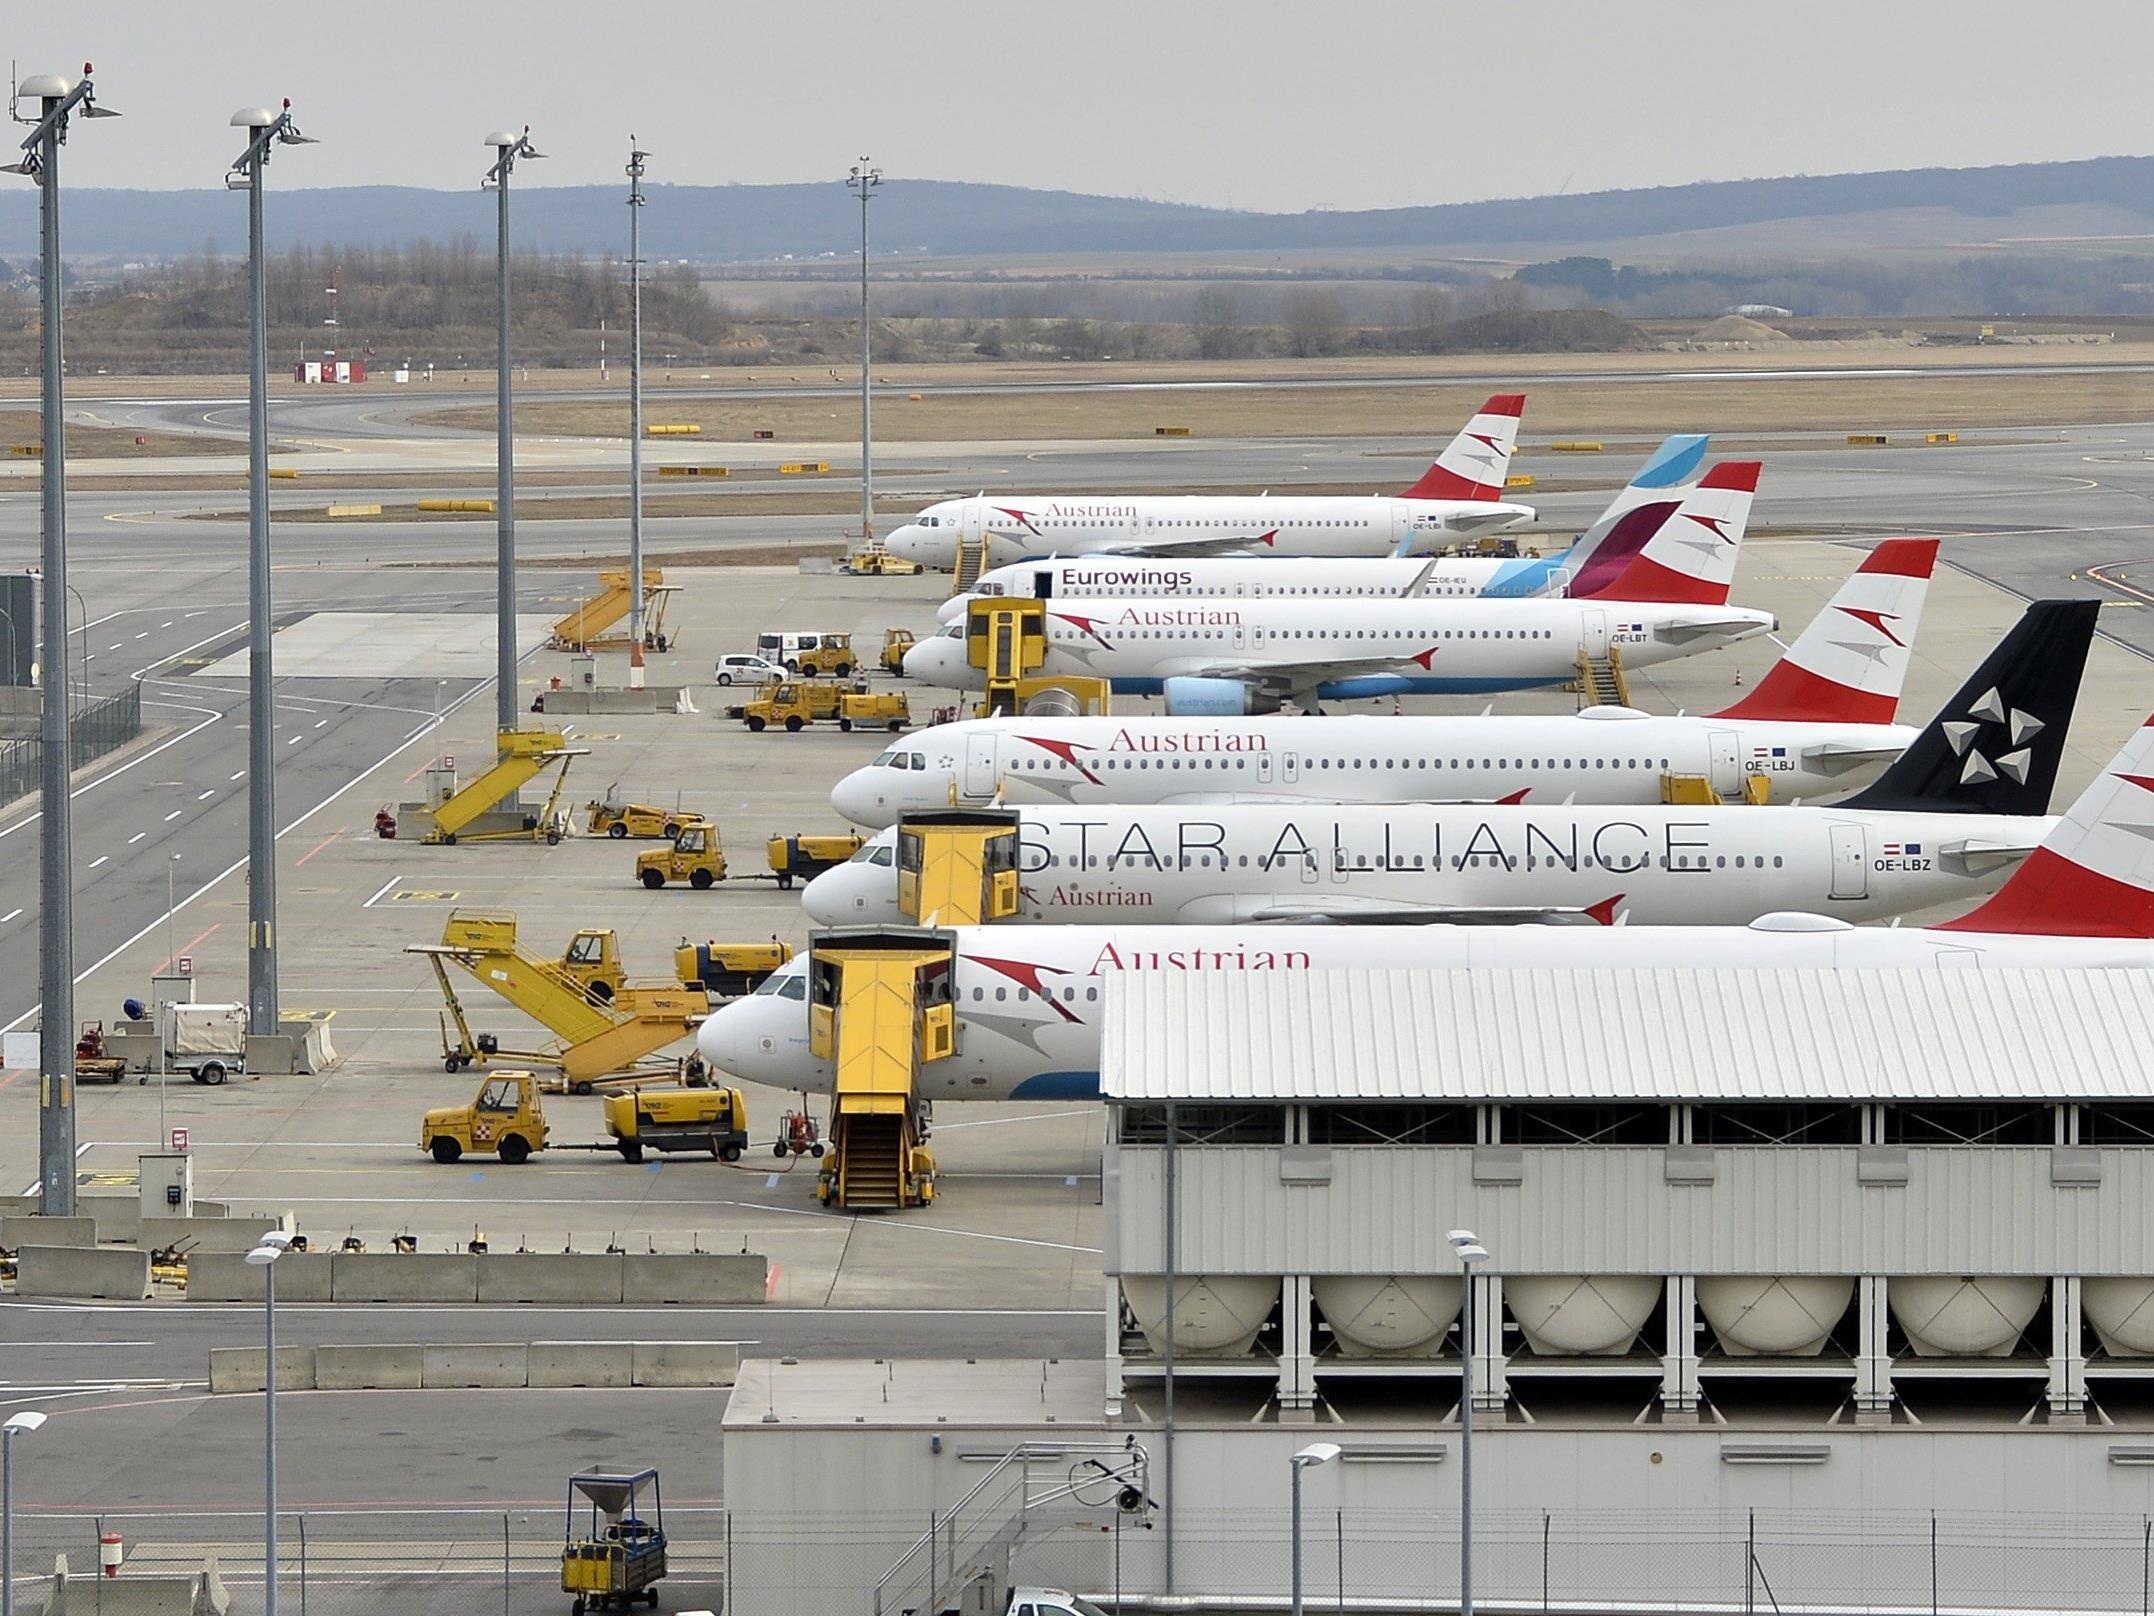 Die Diskussion um die vom Flughafen Wien angepeilte dritte Piste geht weiter.